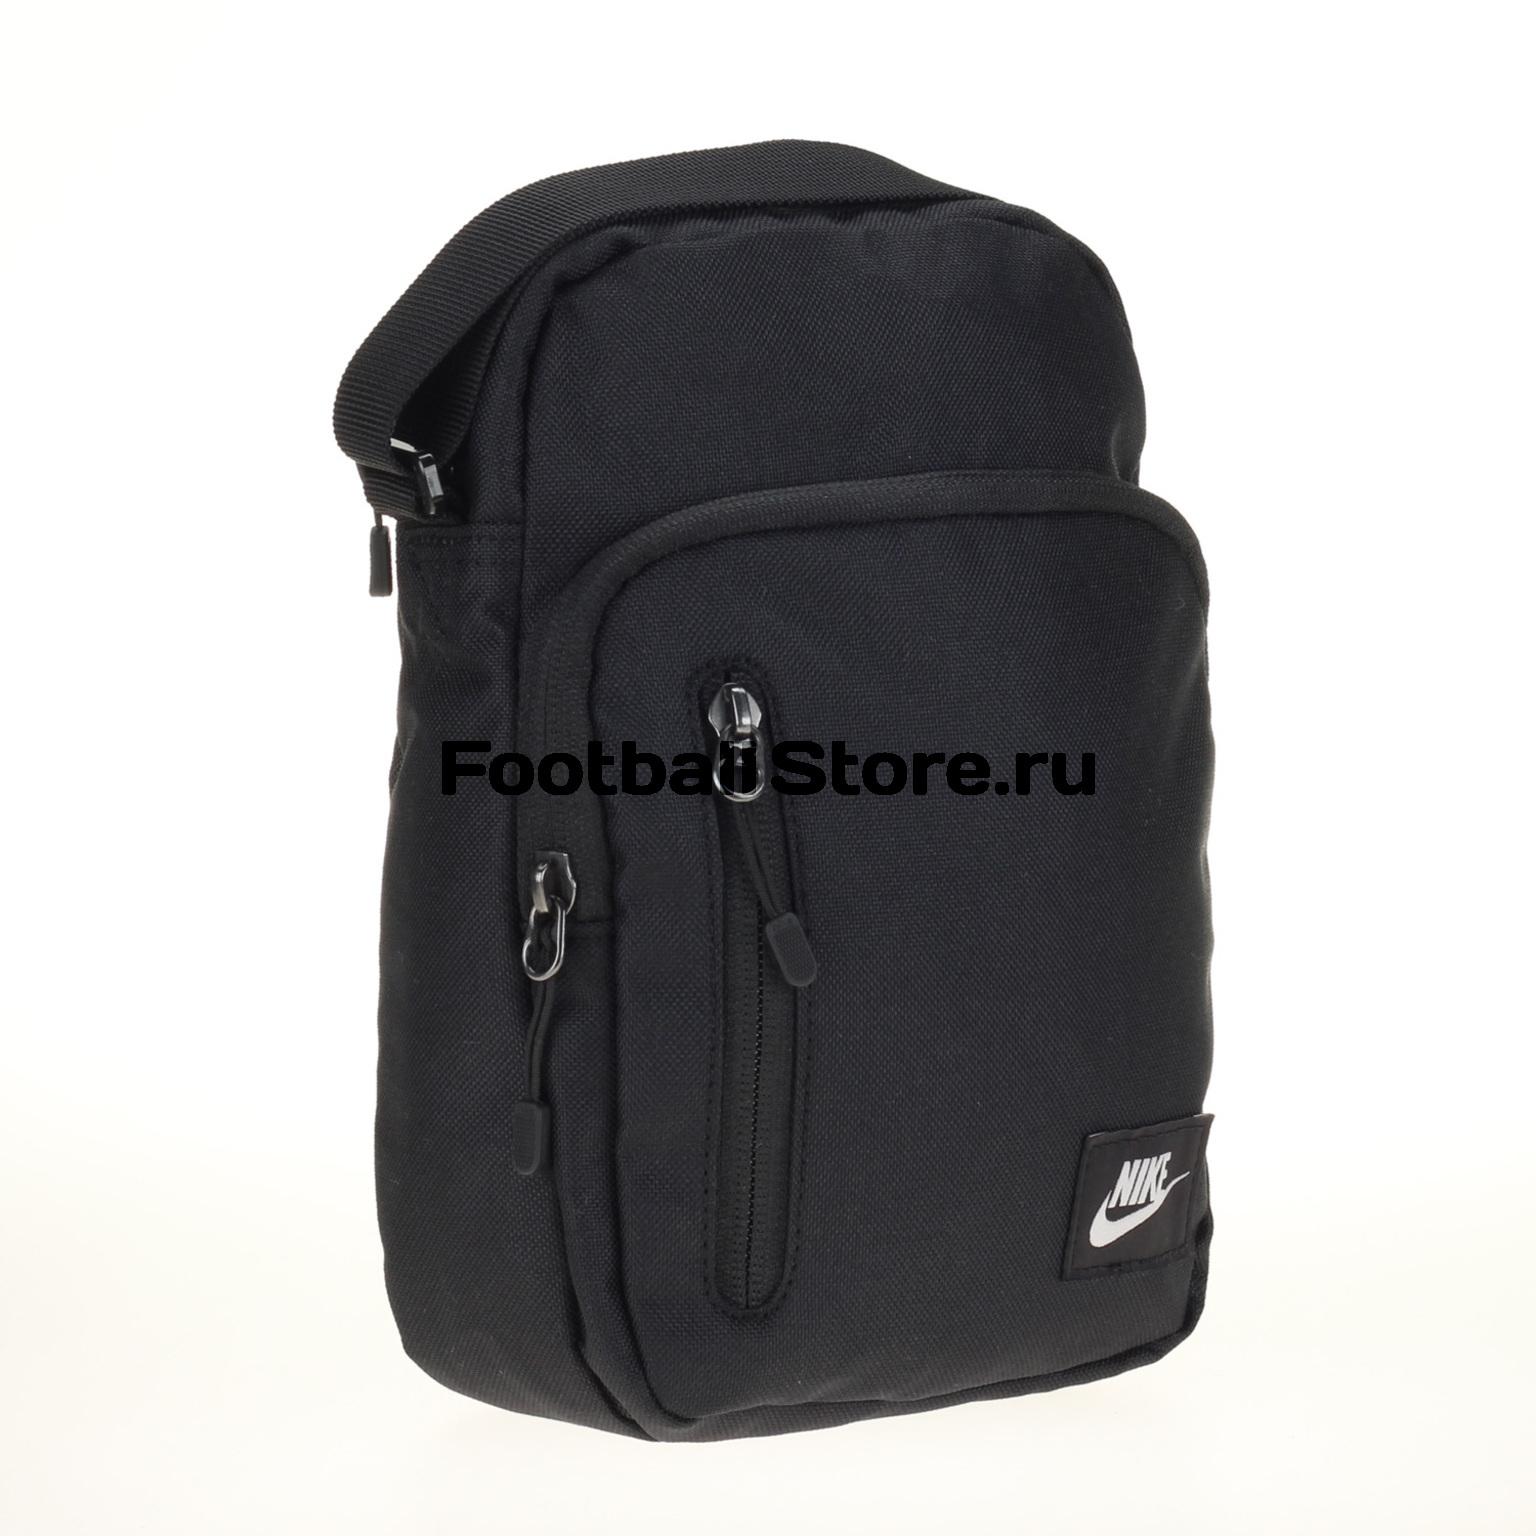 81857728 ... Сумки/Рюкзаки · Nike; Сумка Nike Core Small items II Bag BA4293-067.  Скидка